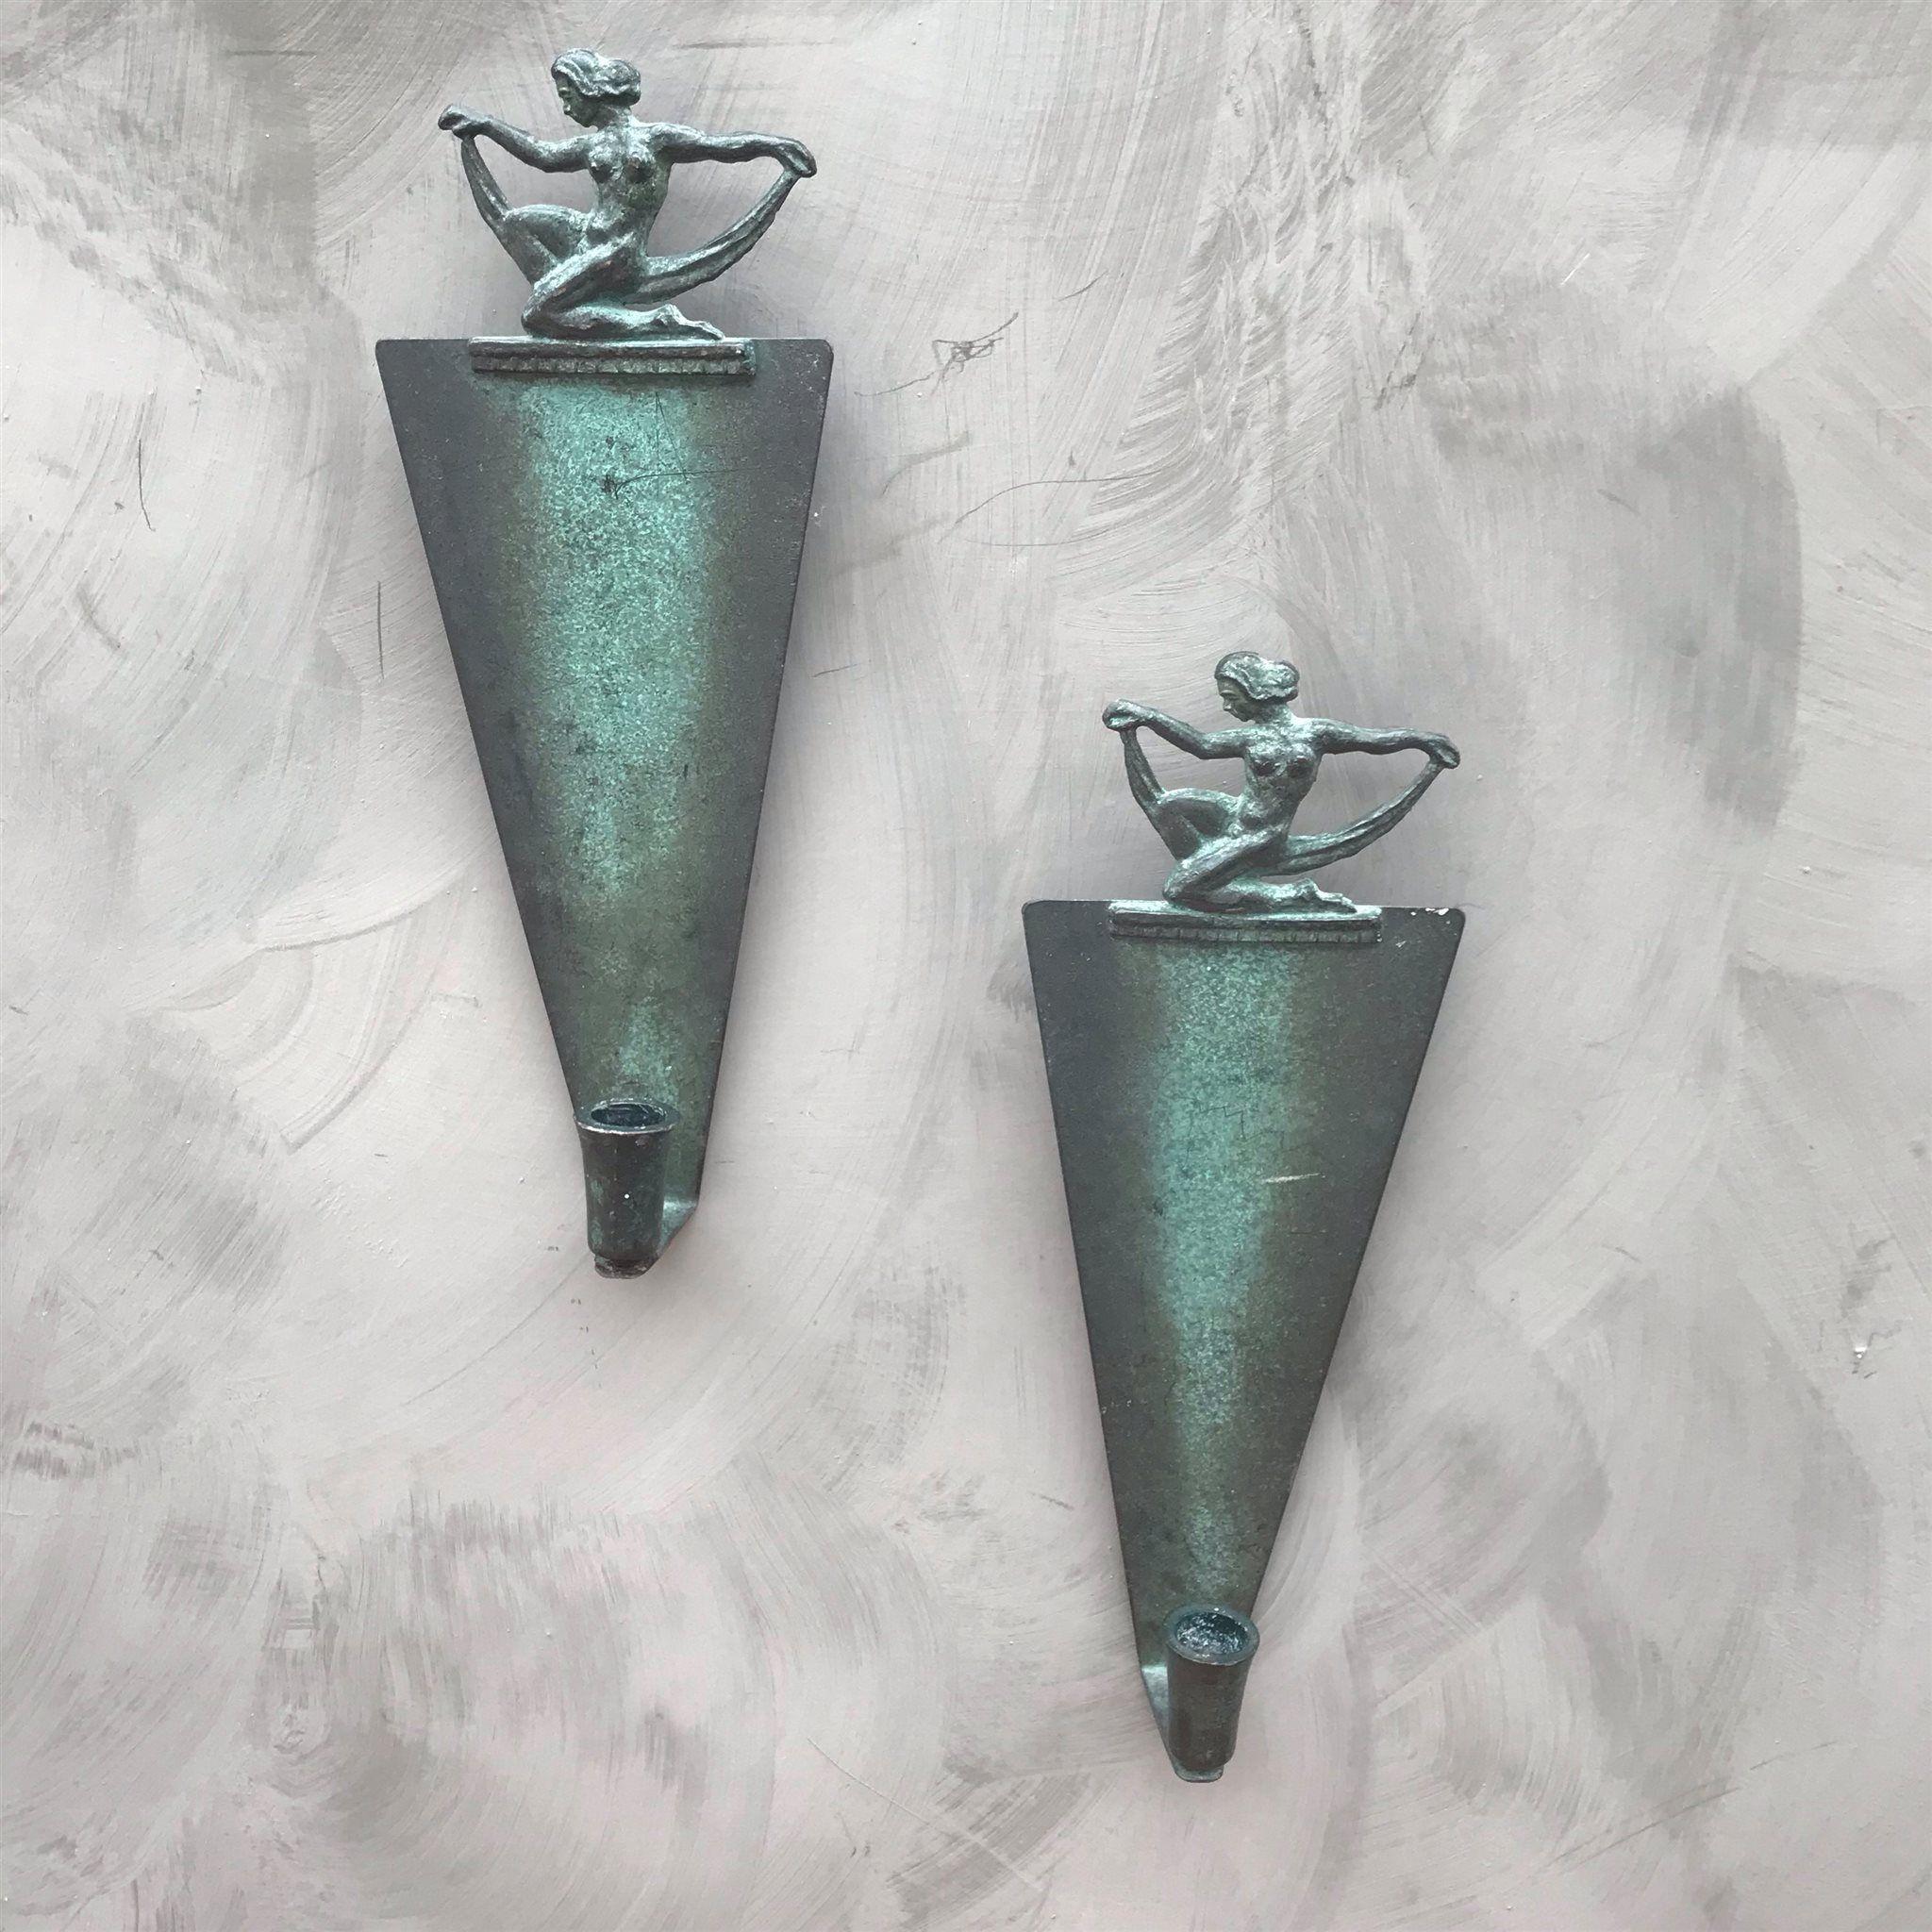 Köp online Väggljusstakar Art Deco i brons 20tal (323443078